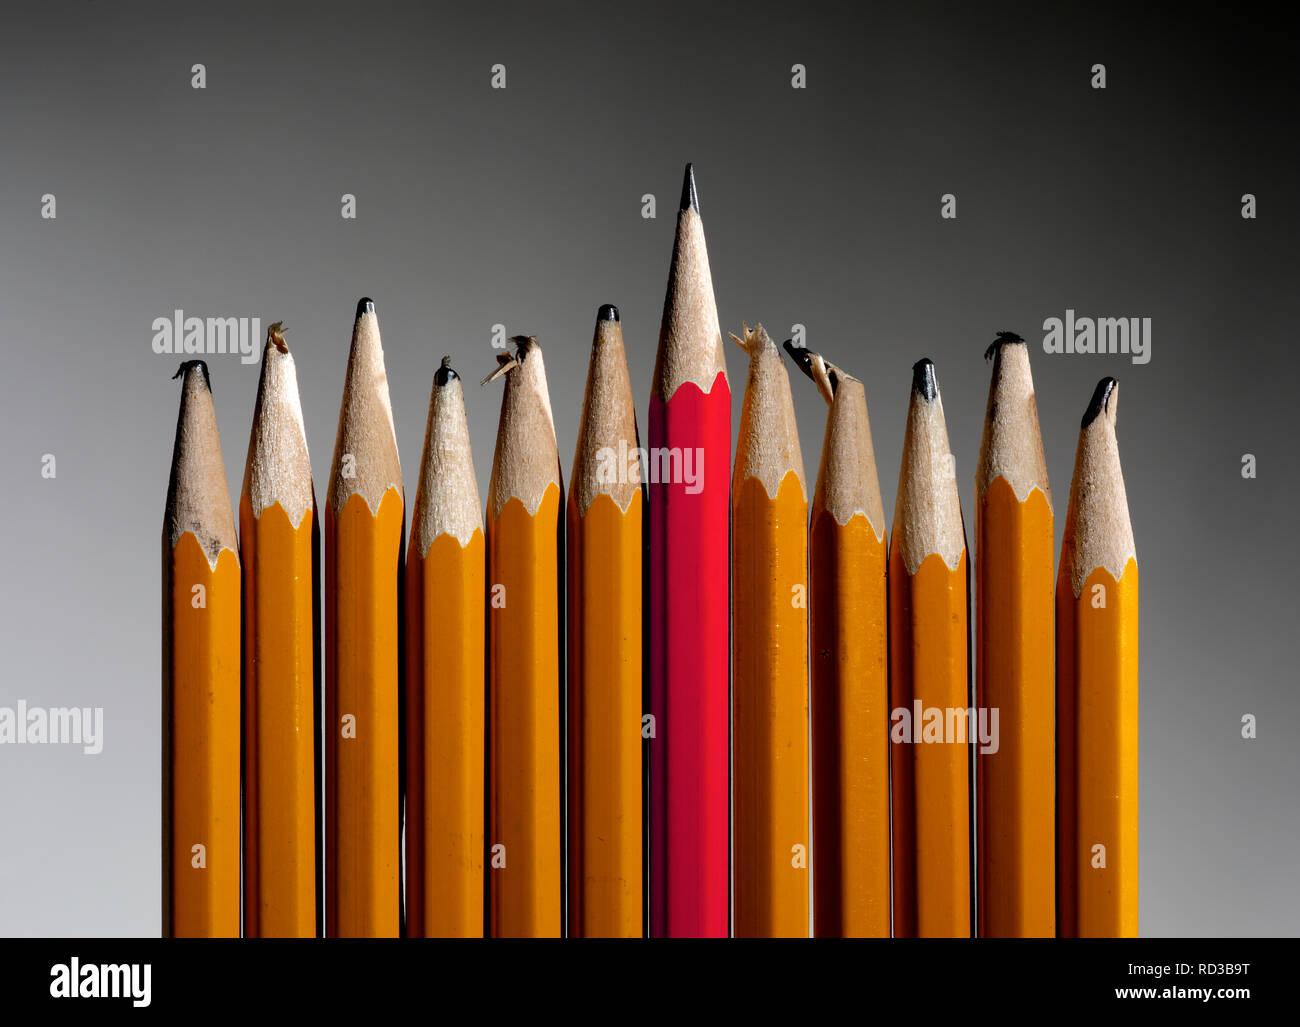 Scharfe rote Bleistift von stumpfen gelb Bleistifte Stockbild